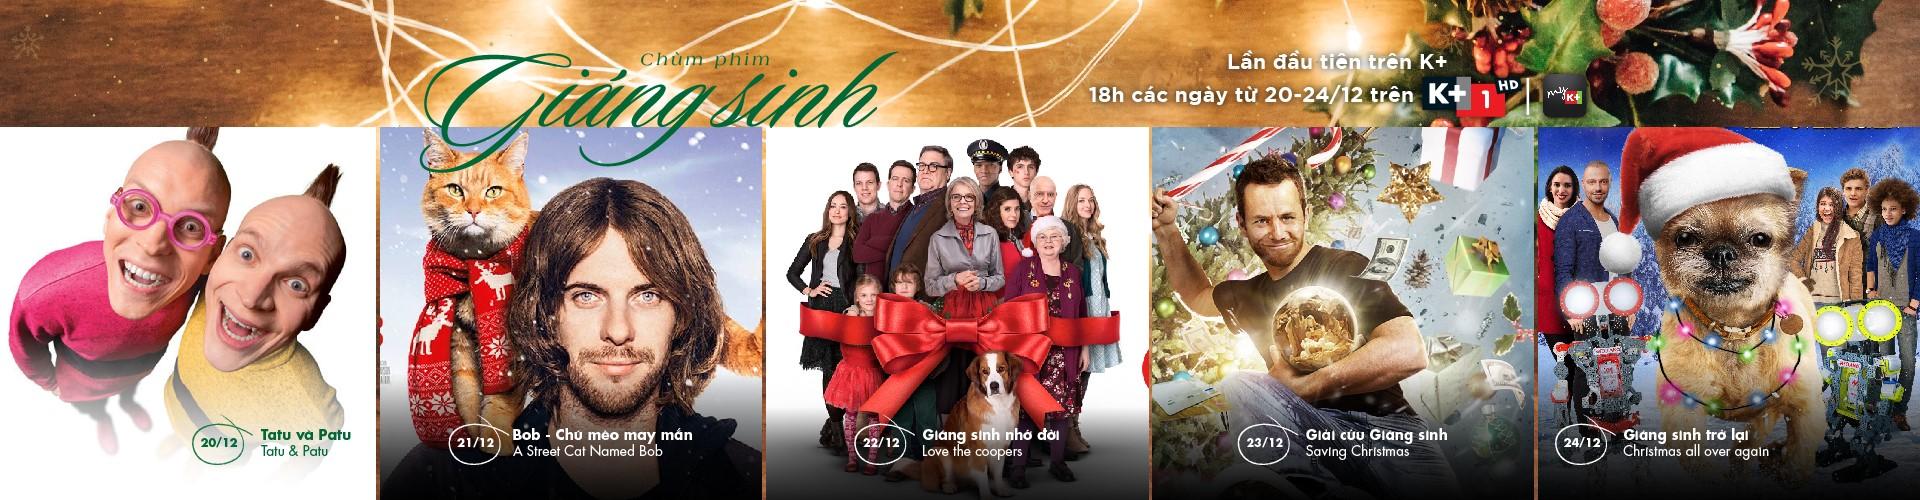 Xem gì trên truyền hình K+ mùa Giáng Sinh 2018 ?